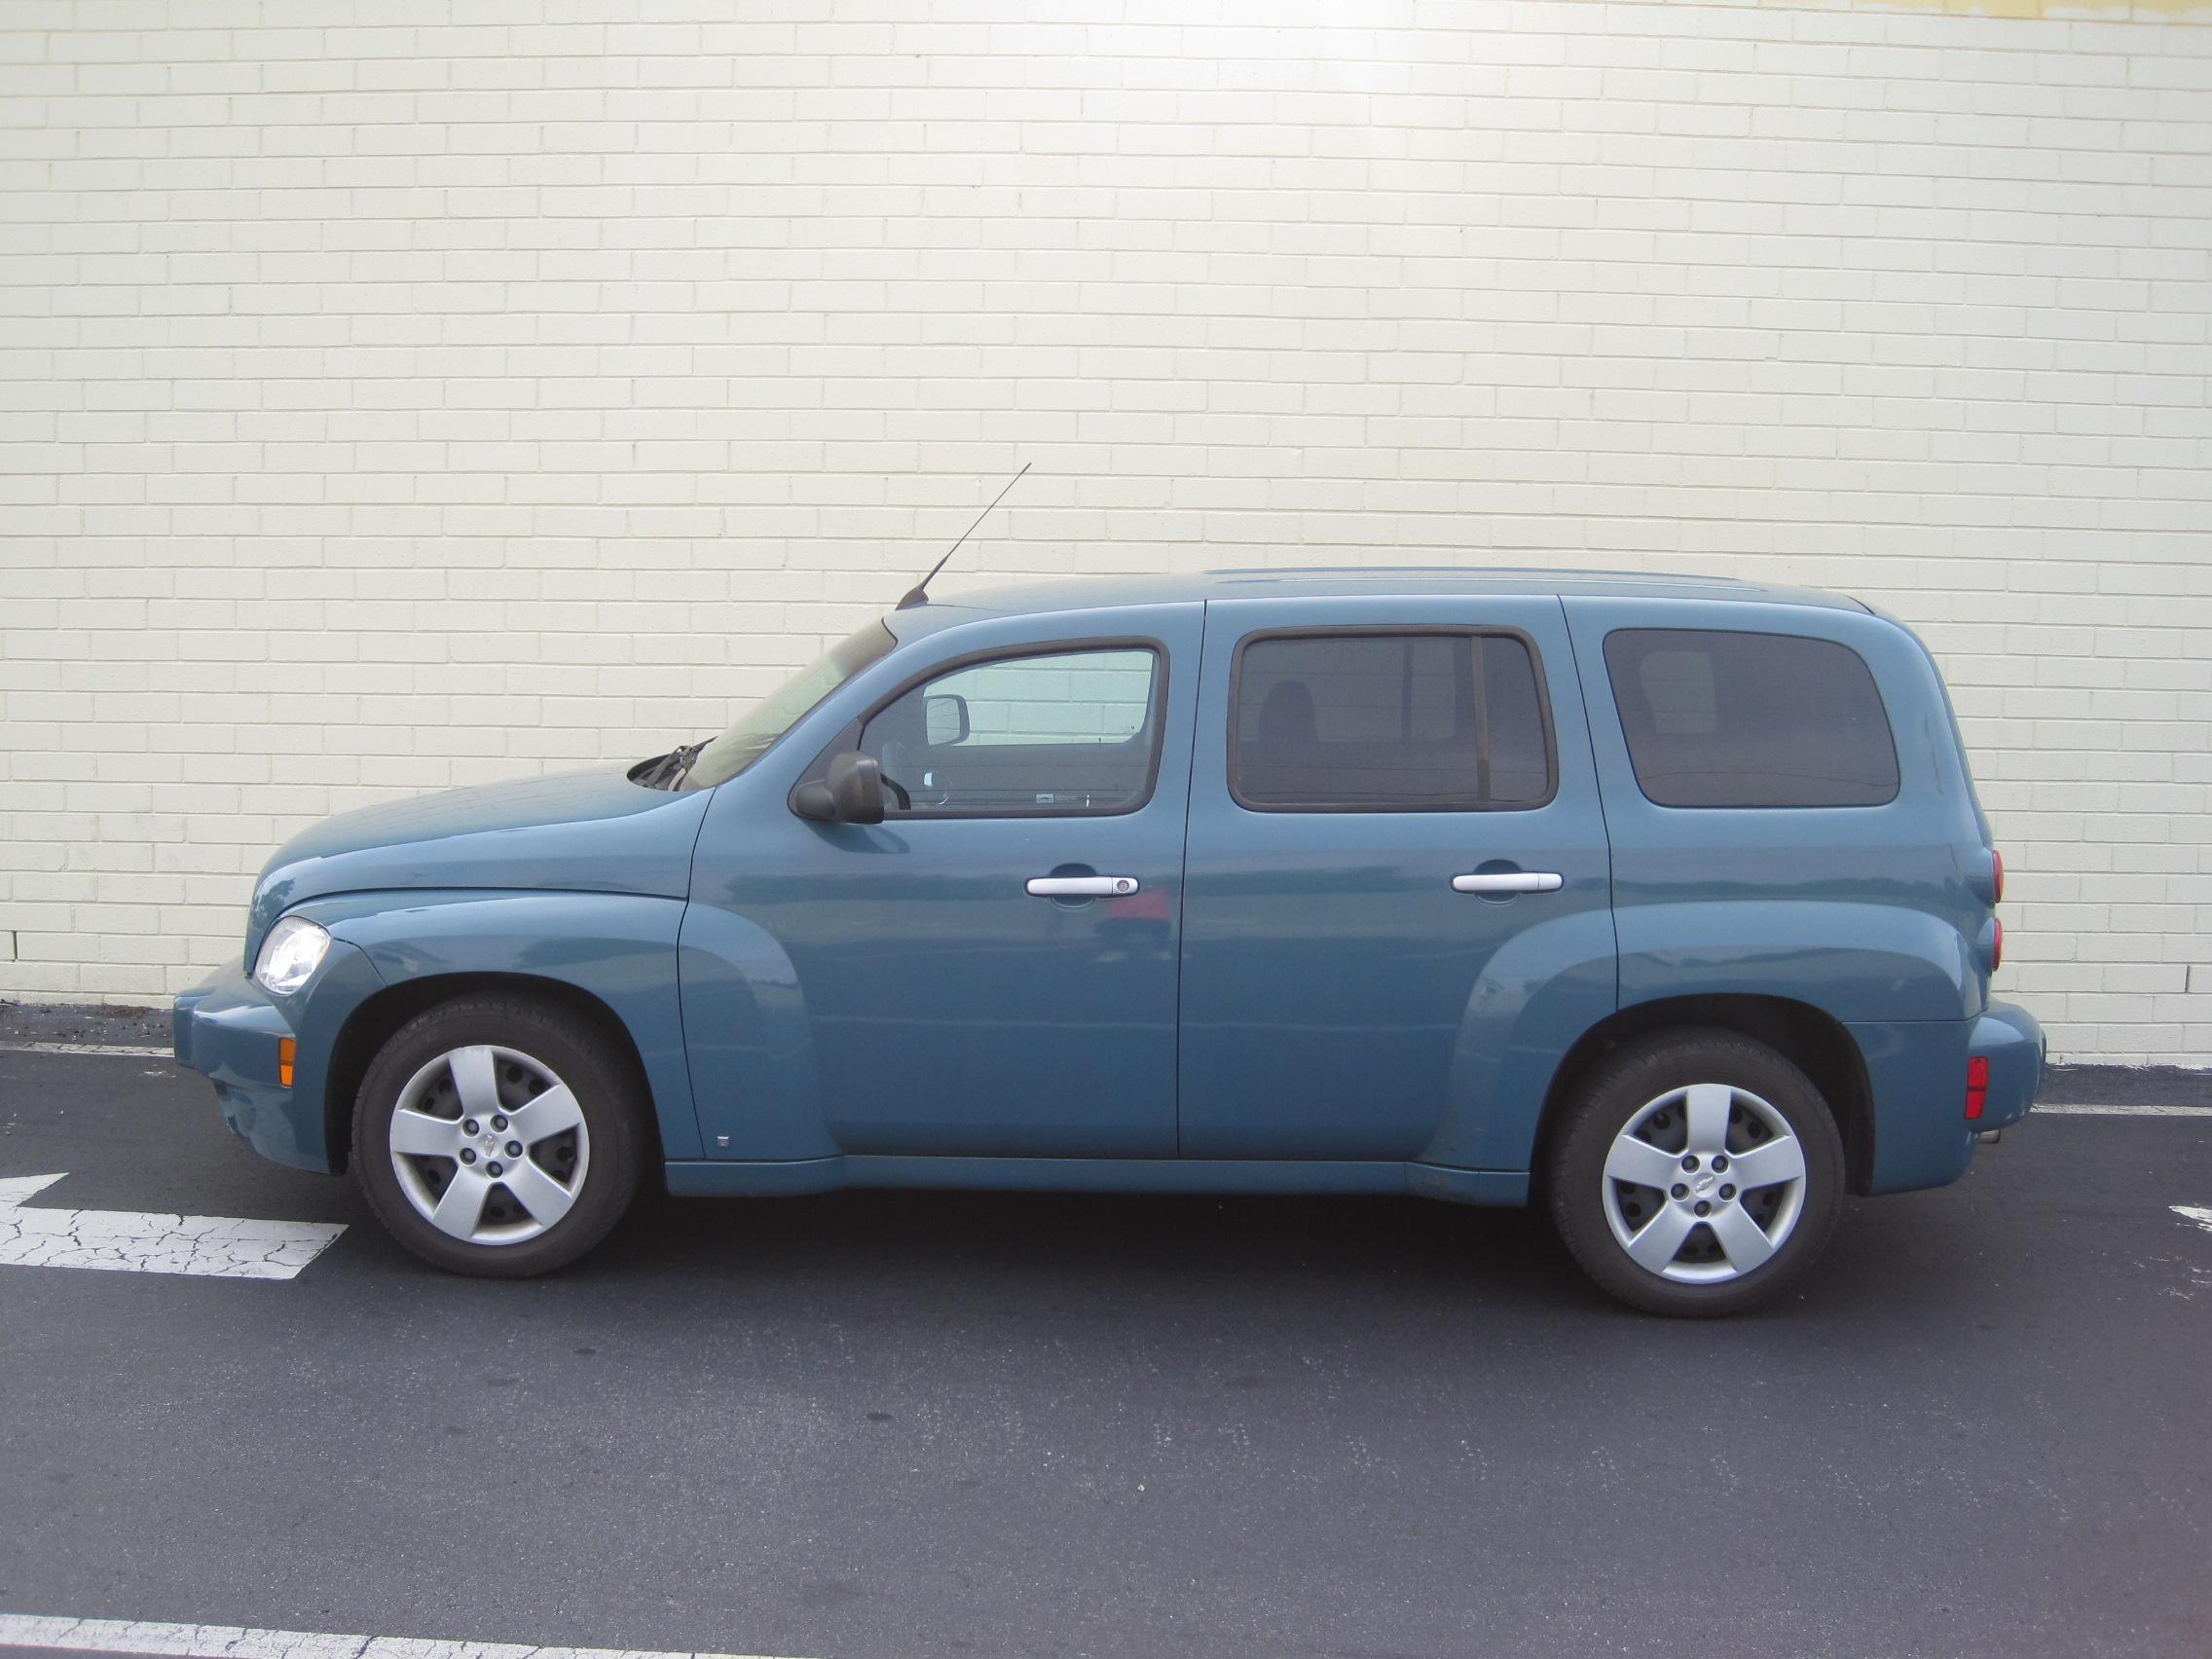 Affordable Car Rental in Greensboro